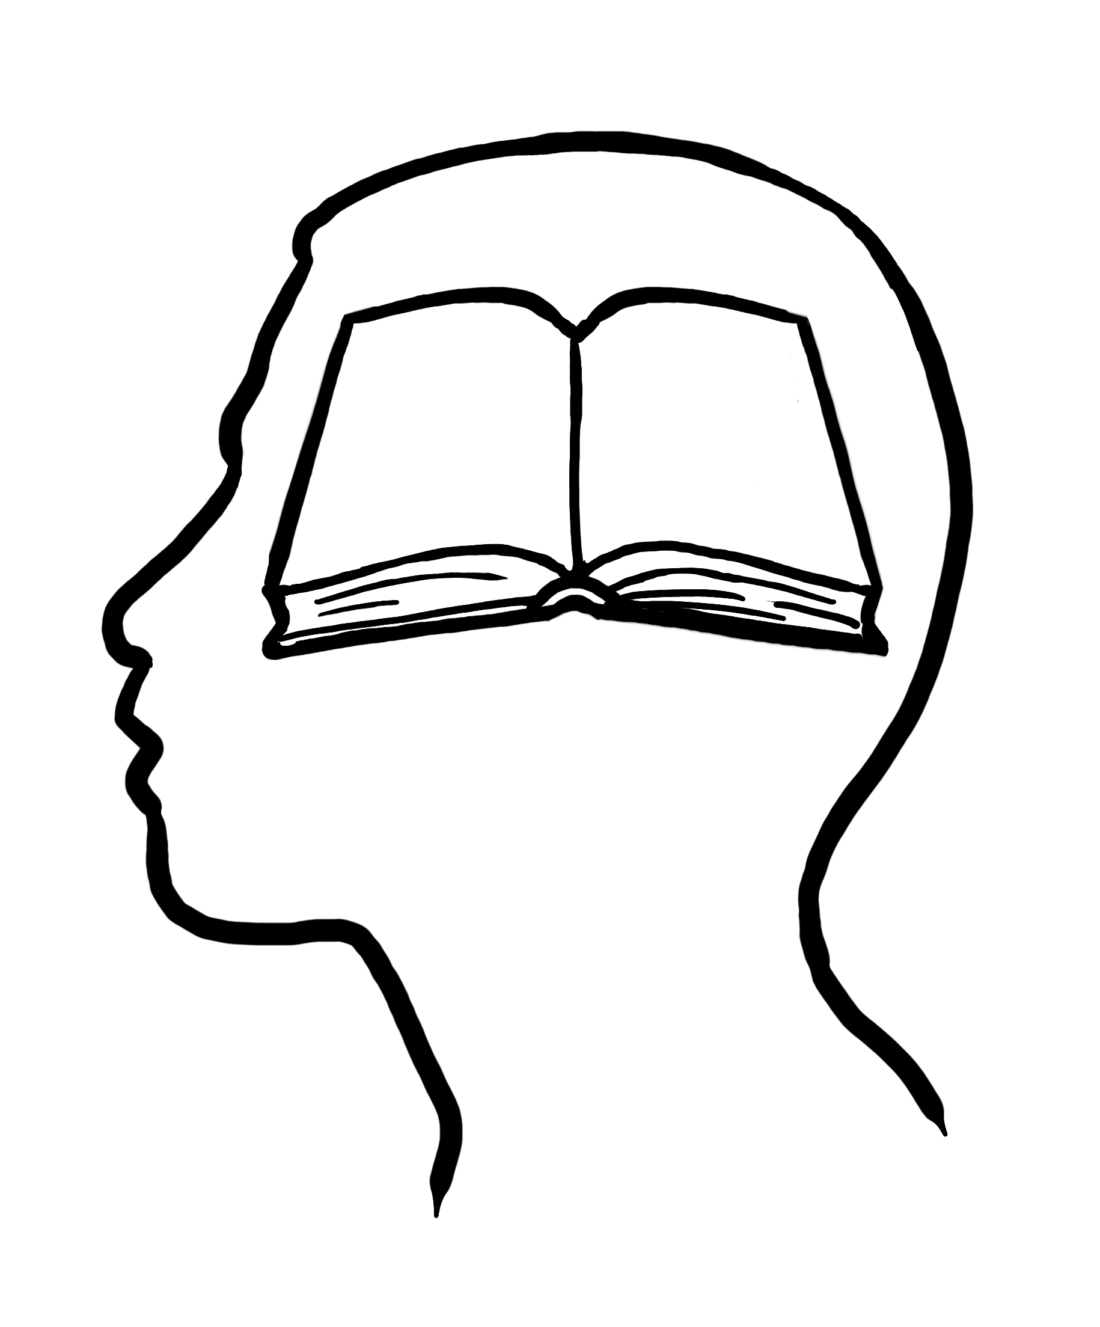 Die Forschung zeigt: Erklärvideos steigern IQ-Testwerte!